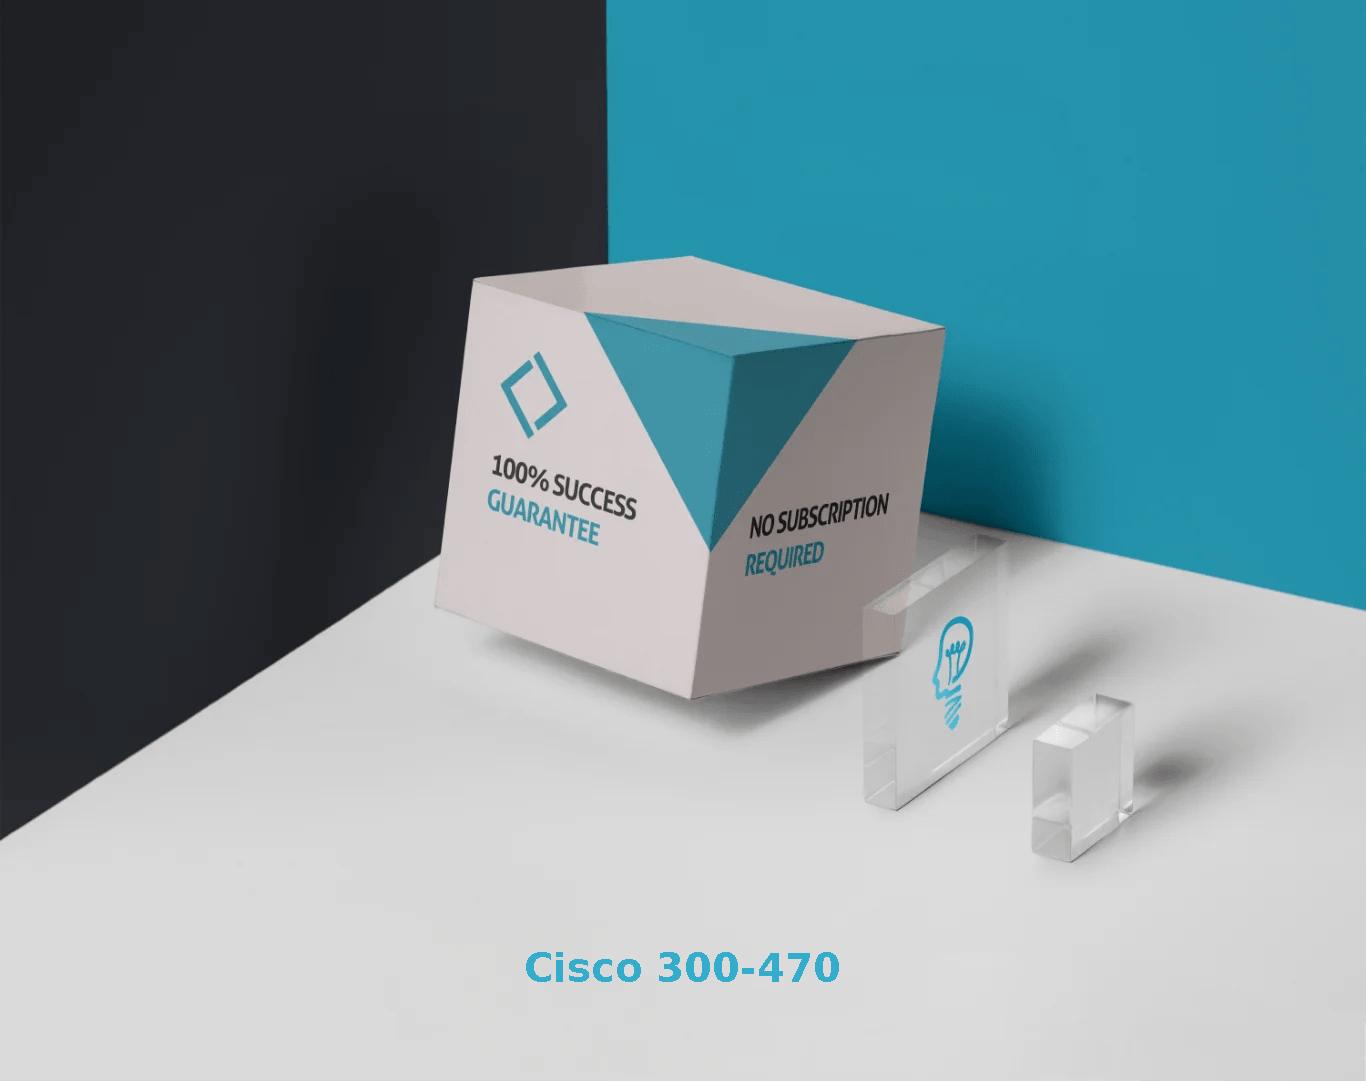 Cisco 300-470 Exams